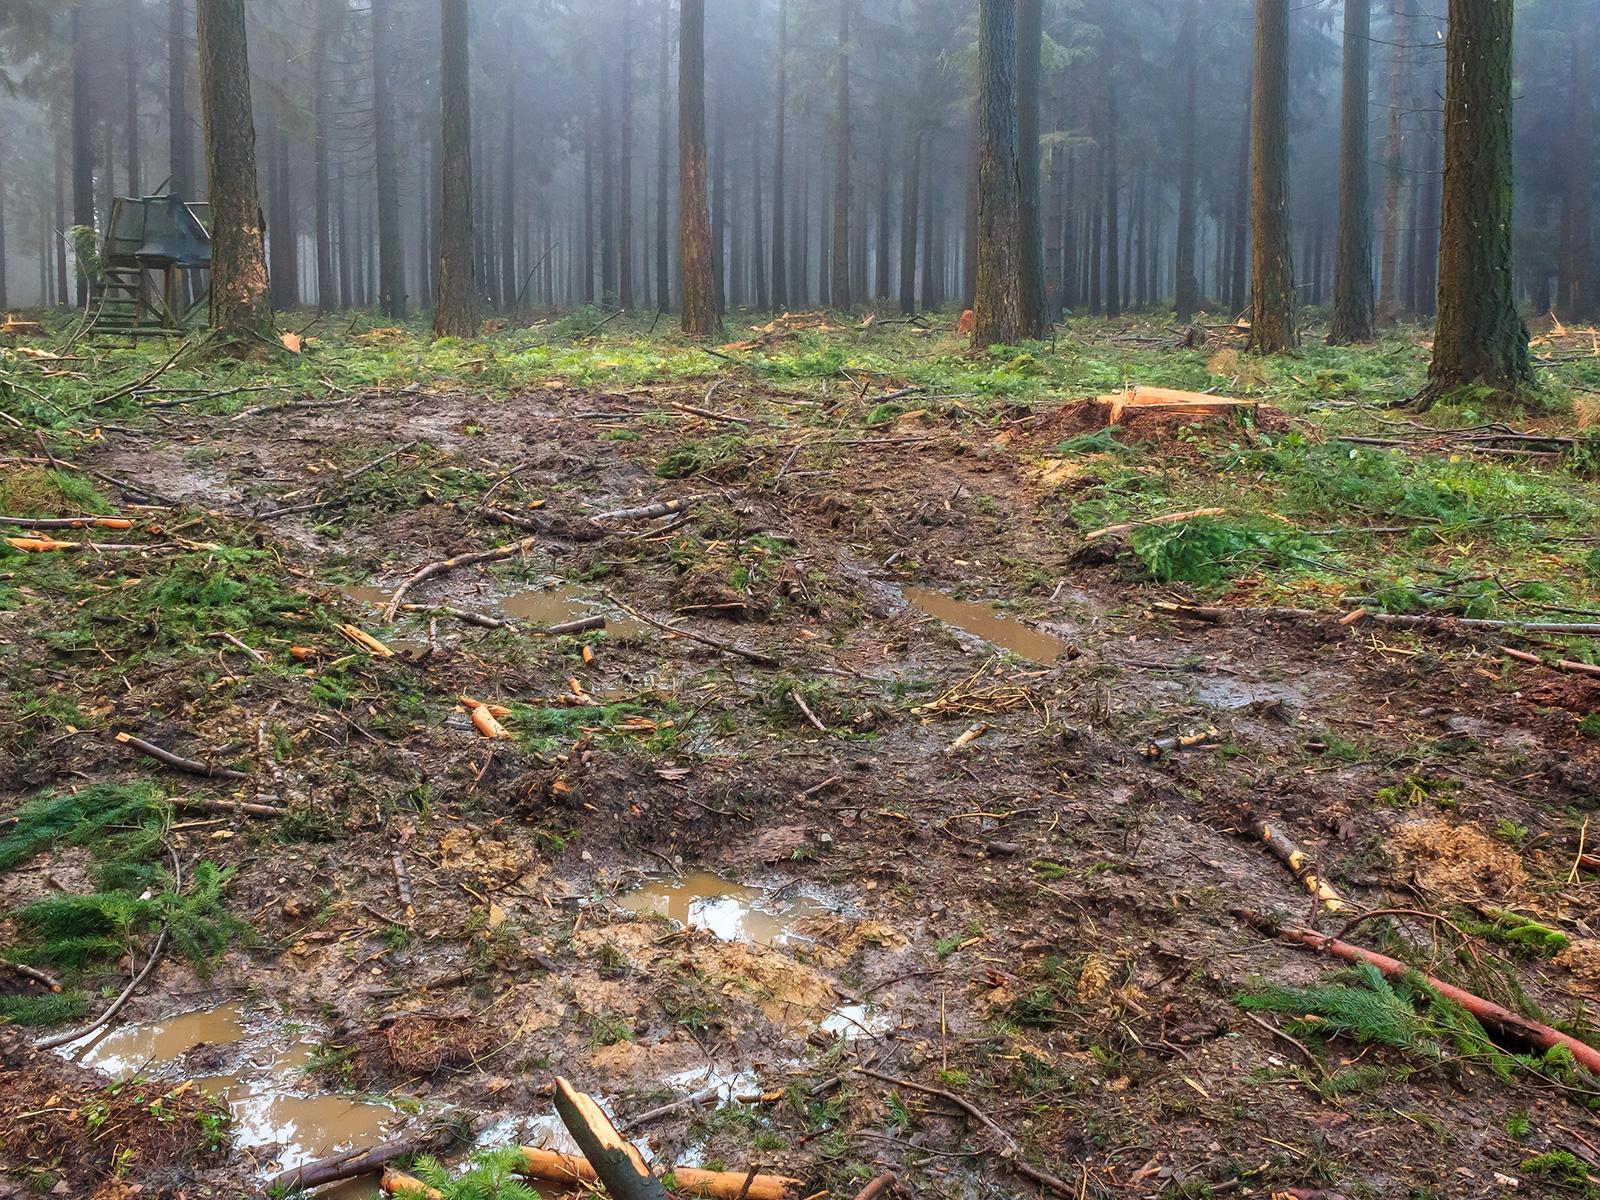 flächig mit tonnenschwerem Gerät befahrener Waldboden